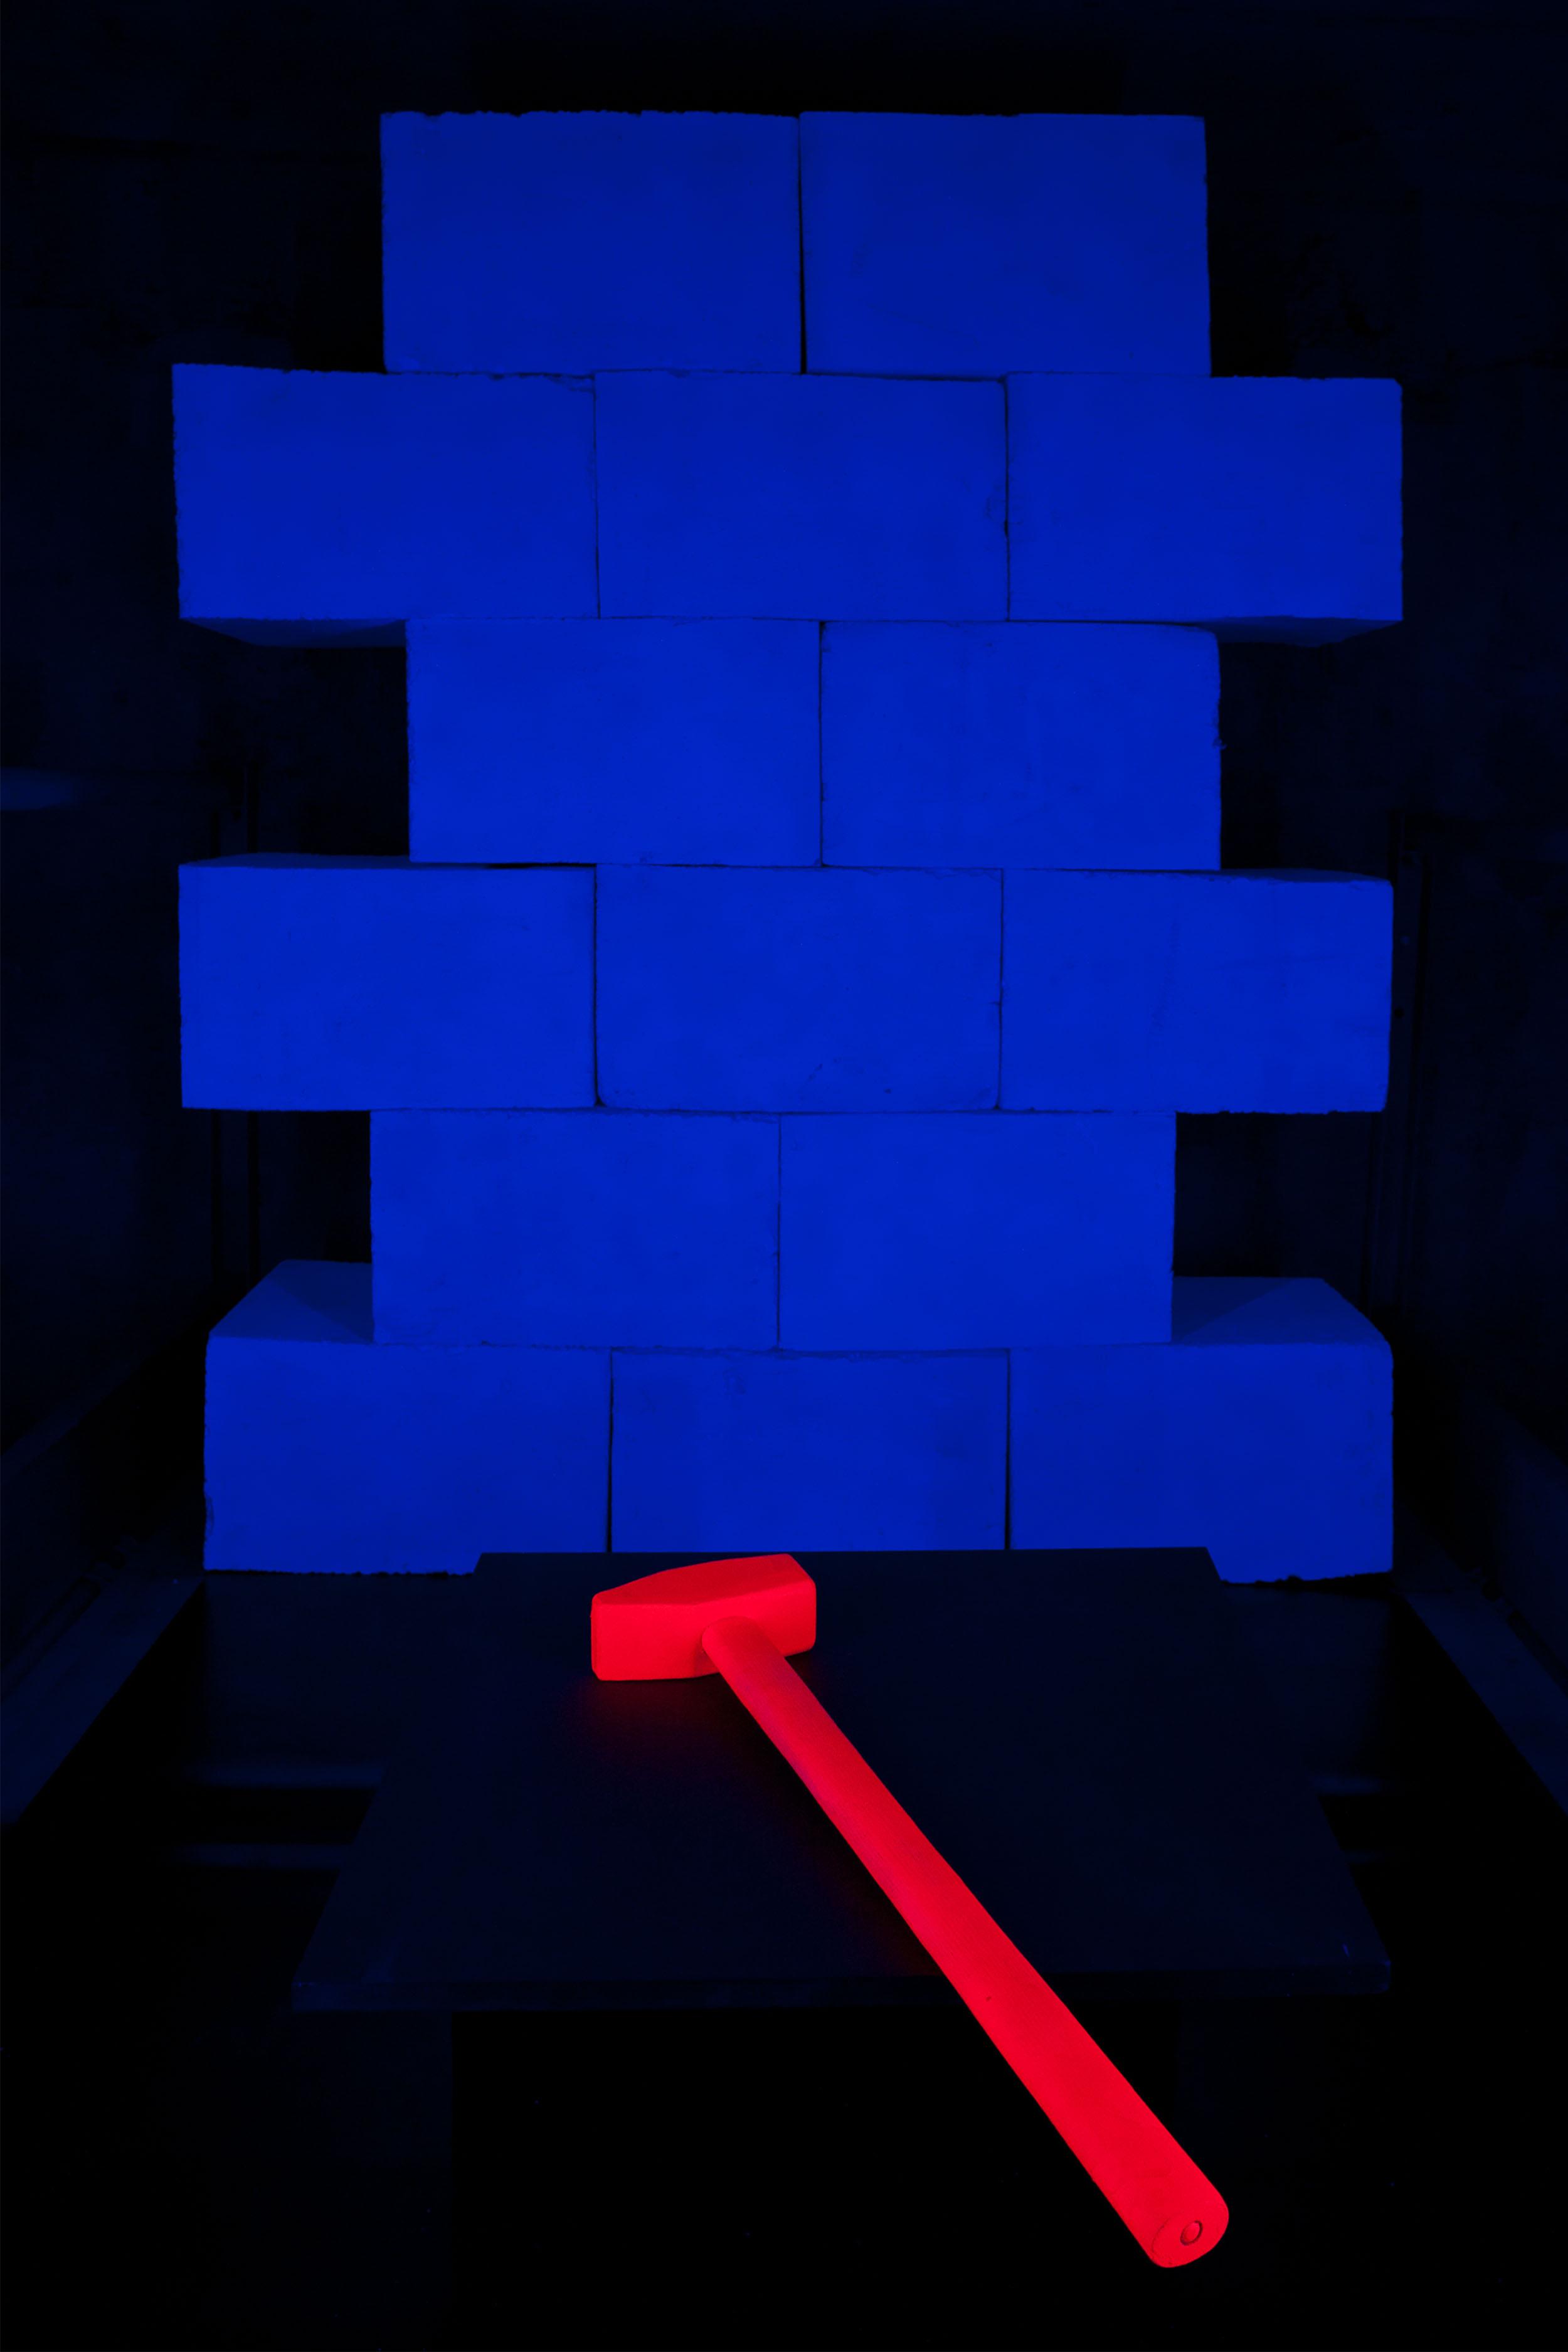 Orangefarbener Vorschlaghammer und blaue Mauer im Neonlicht